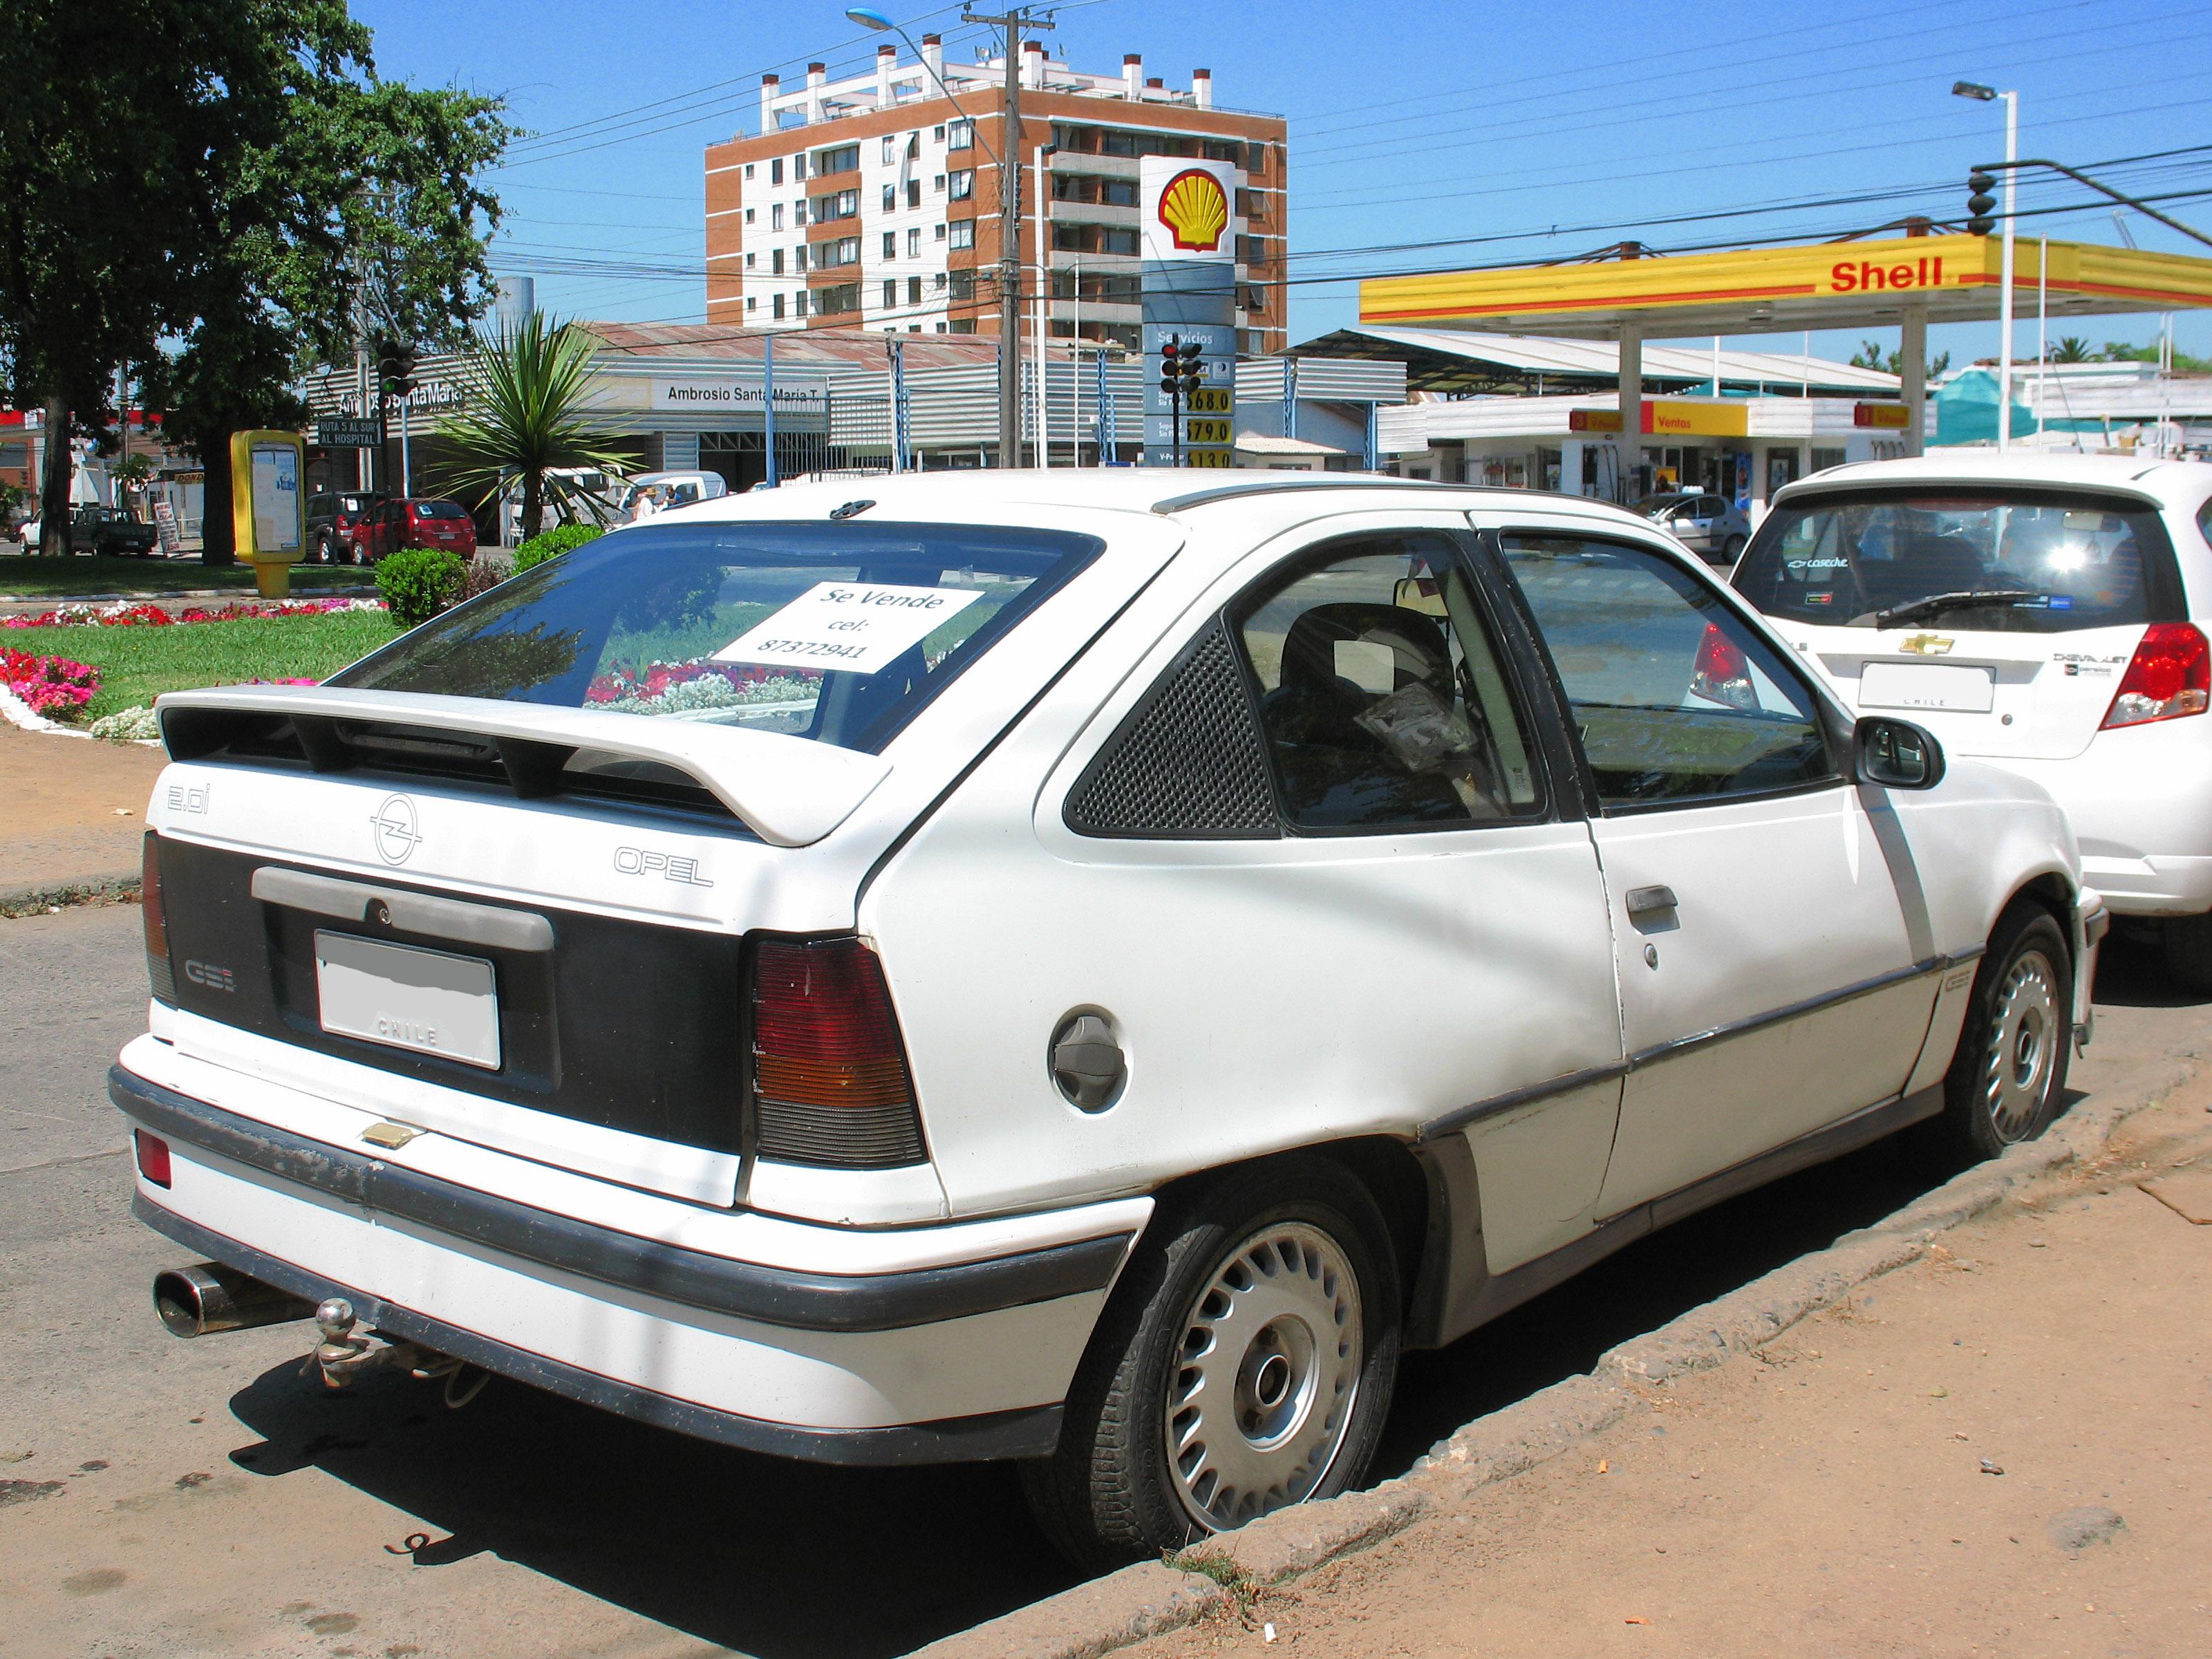 Gsi google image mag for Opel kadett e interieur